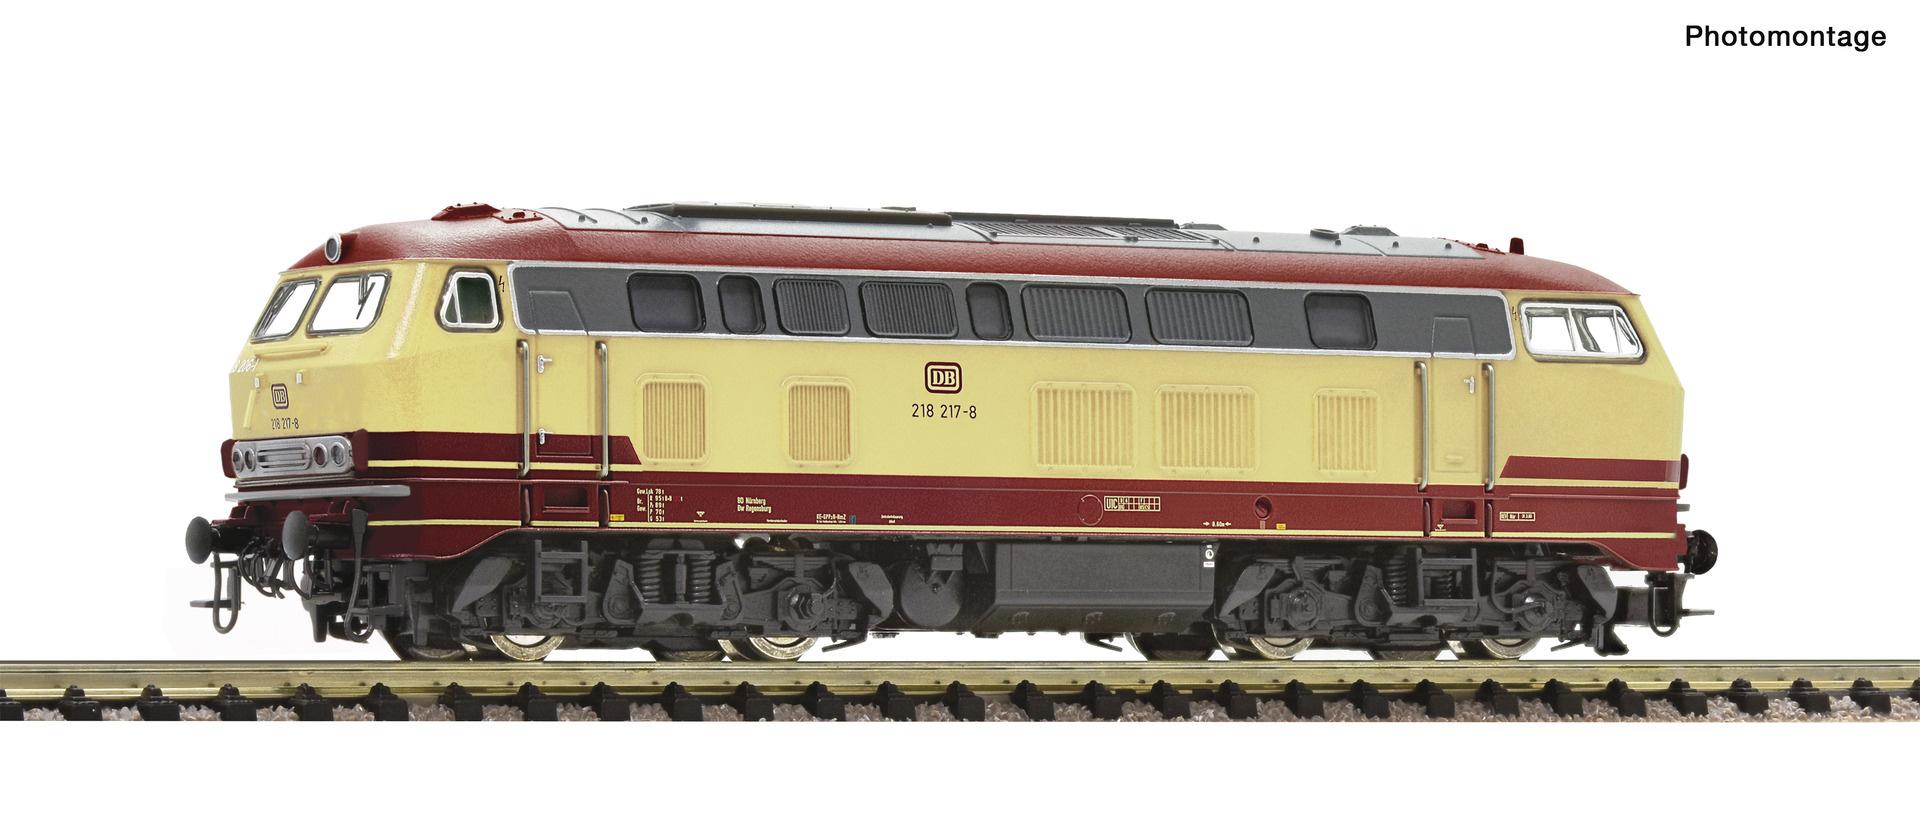 724219 Diesellok 218 217 DB-1